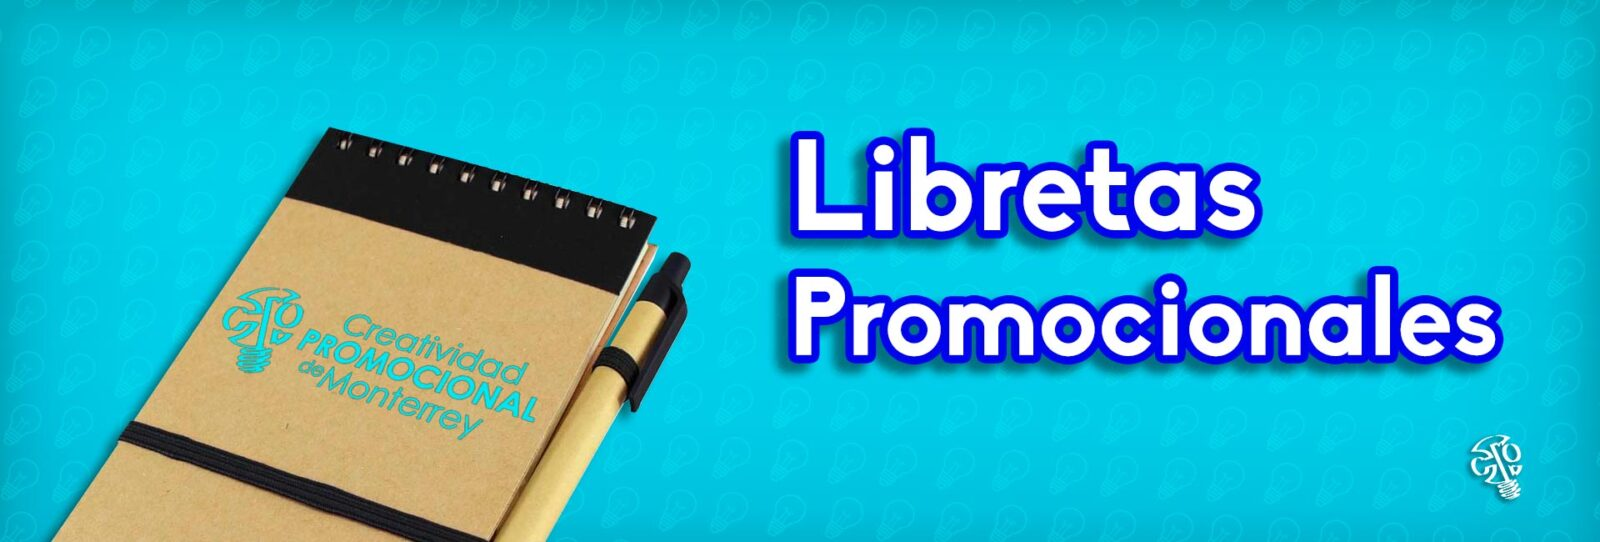 02_Libtreta Promocionales